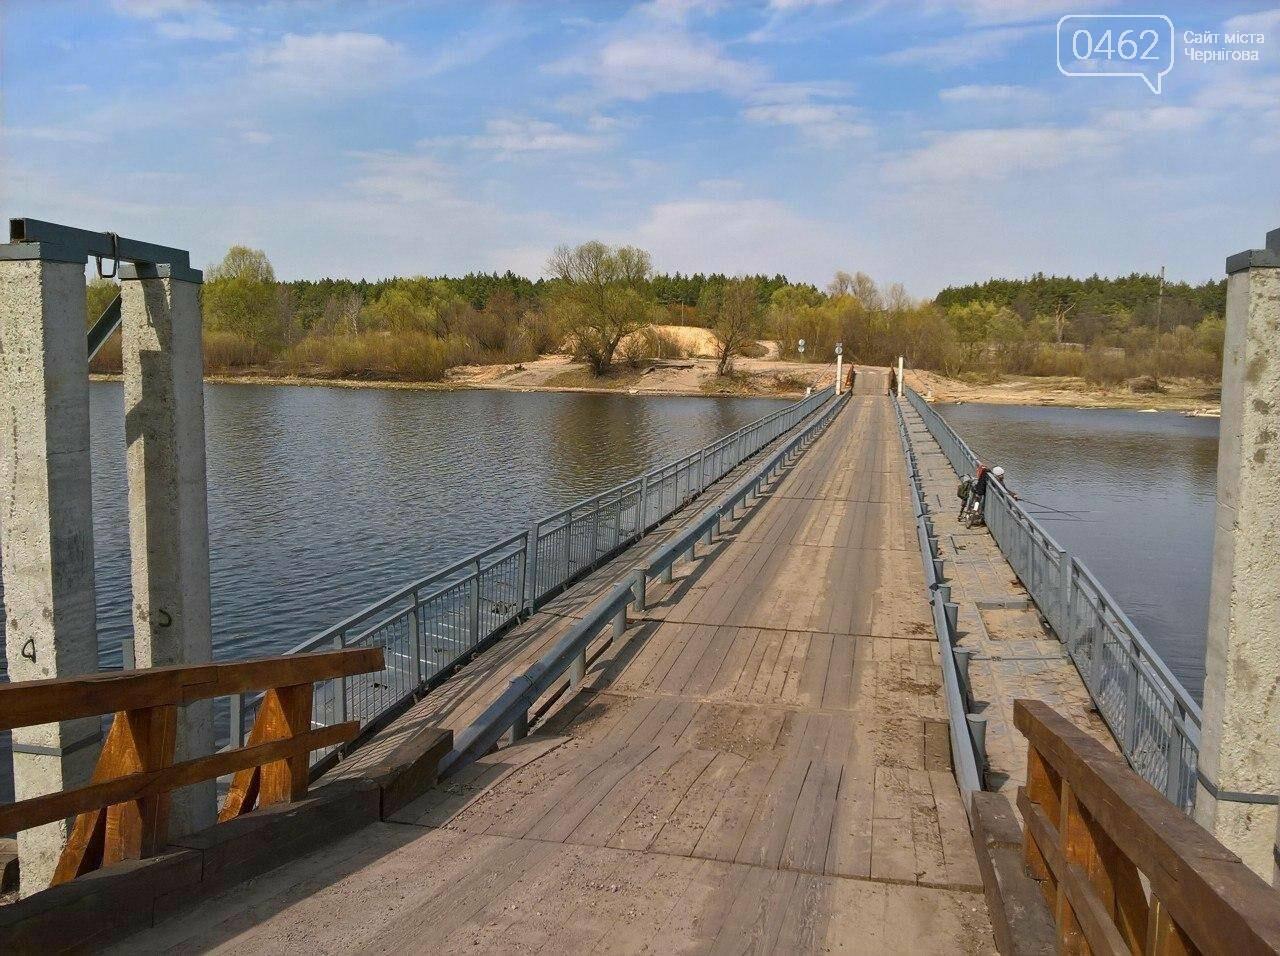 Аварійні мости у Чернігівський області: один відновили, інший розбирають, фото-2